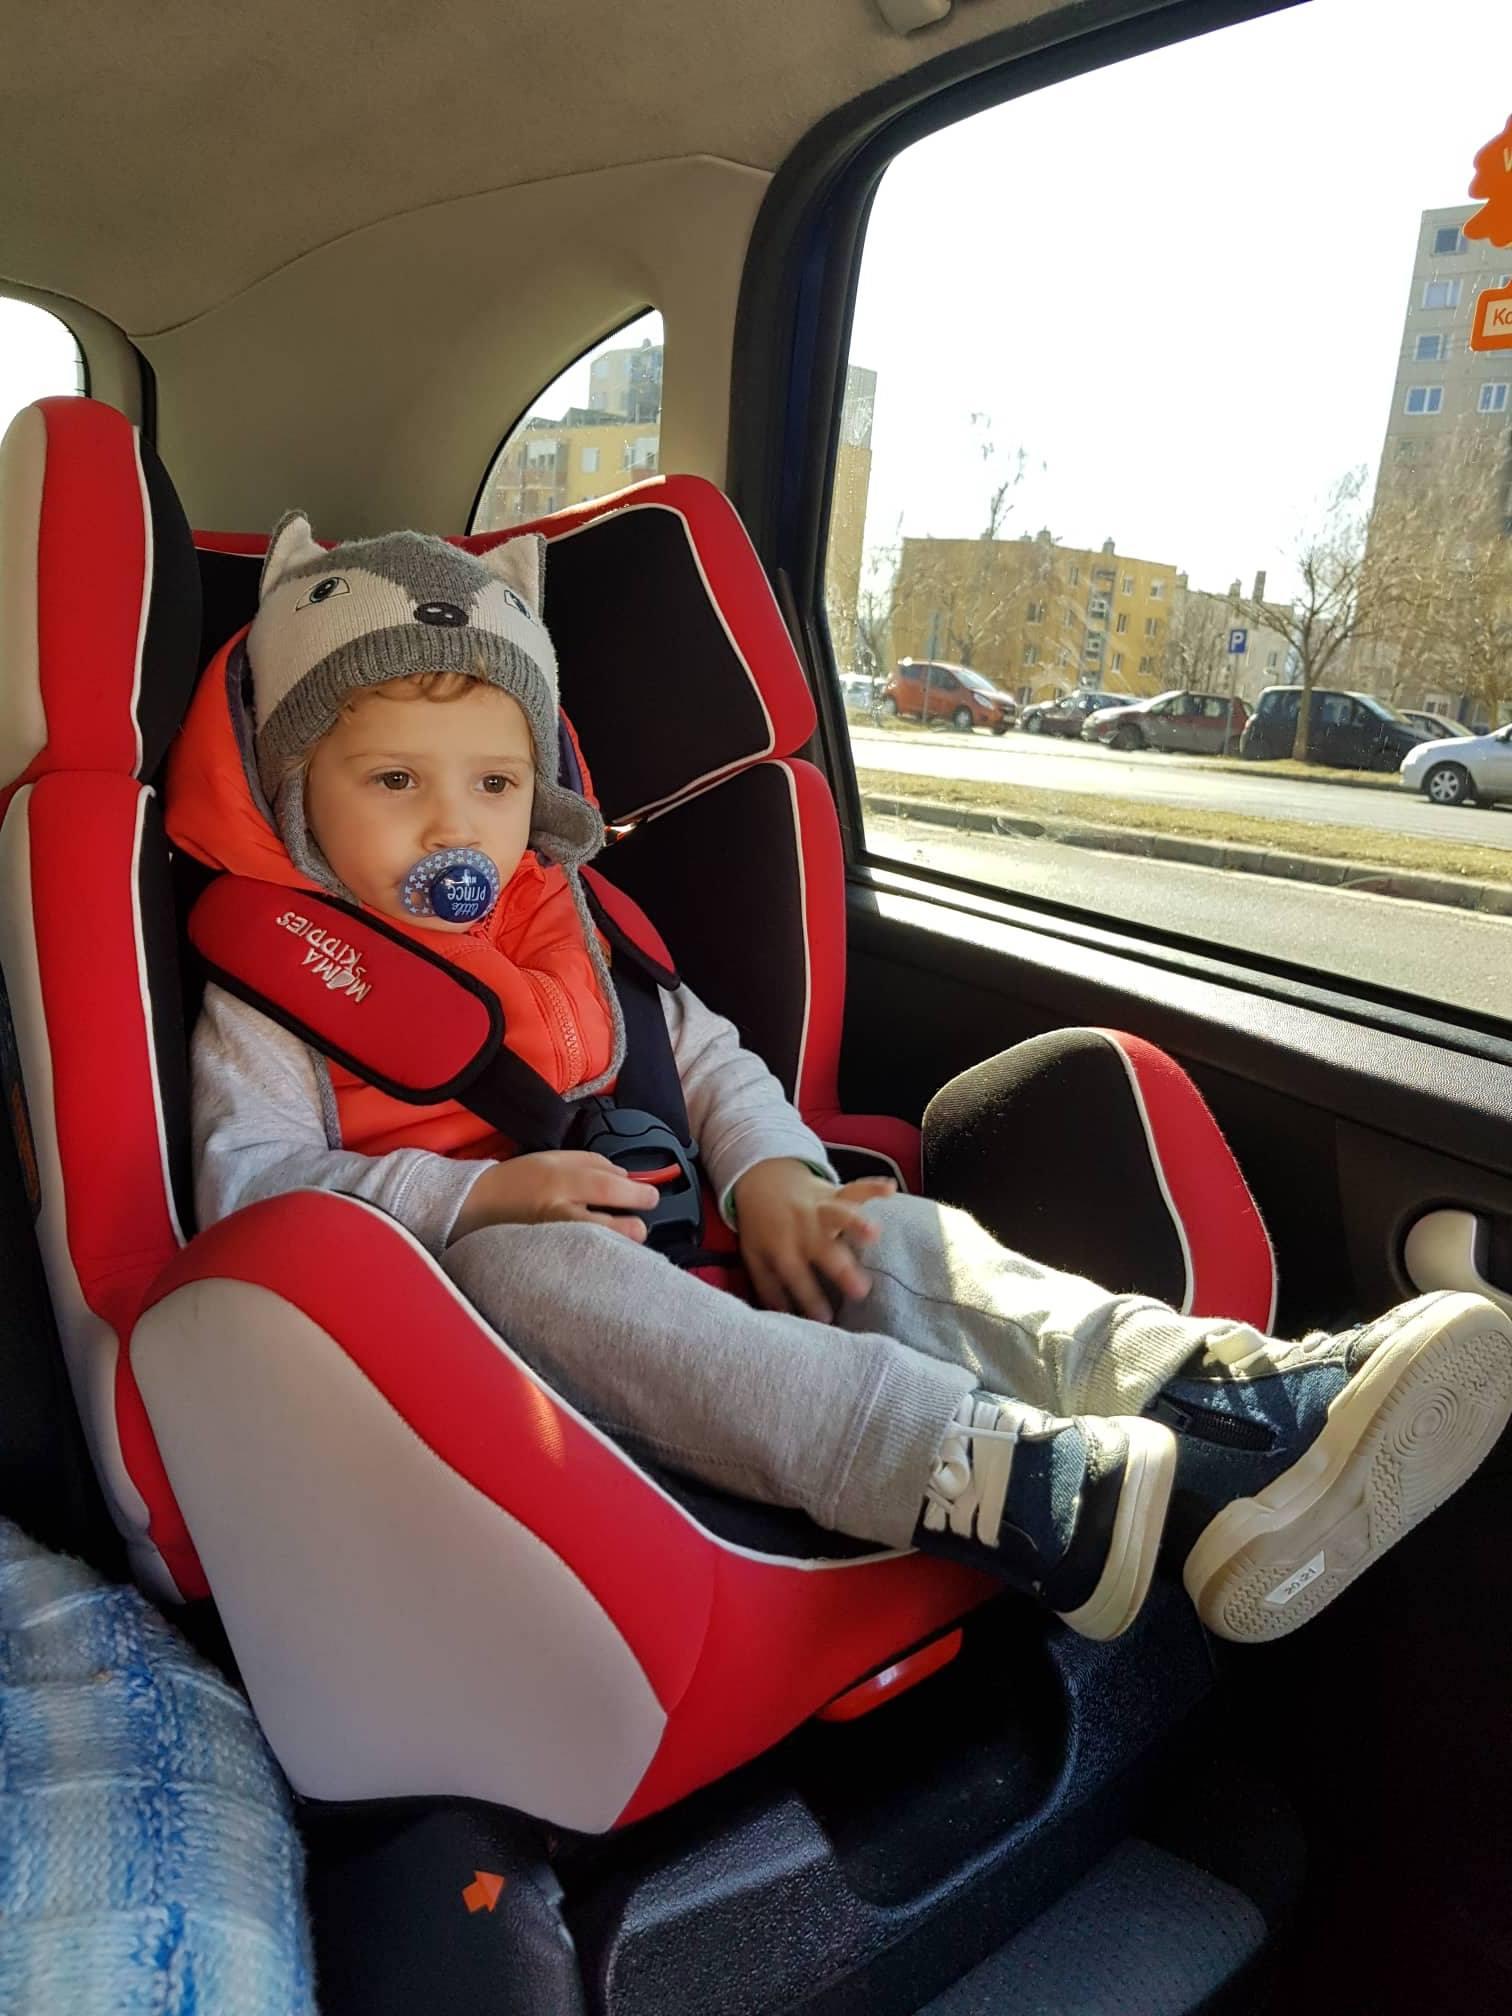 MamaKiddies autós gyerekülés fényképes vásárlói vélemény